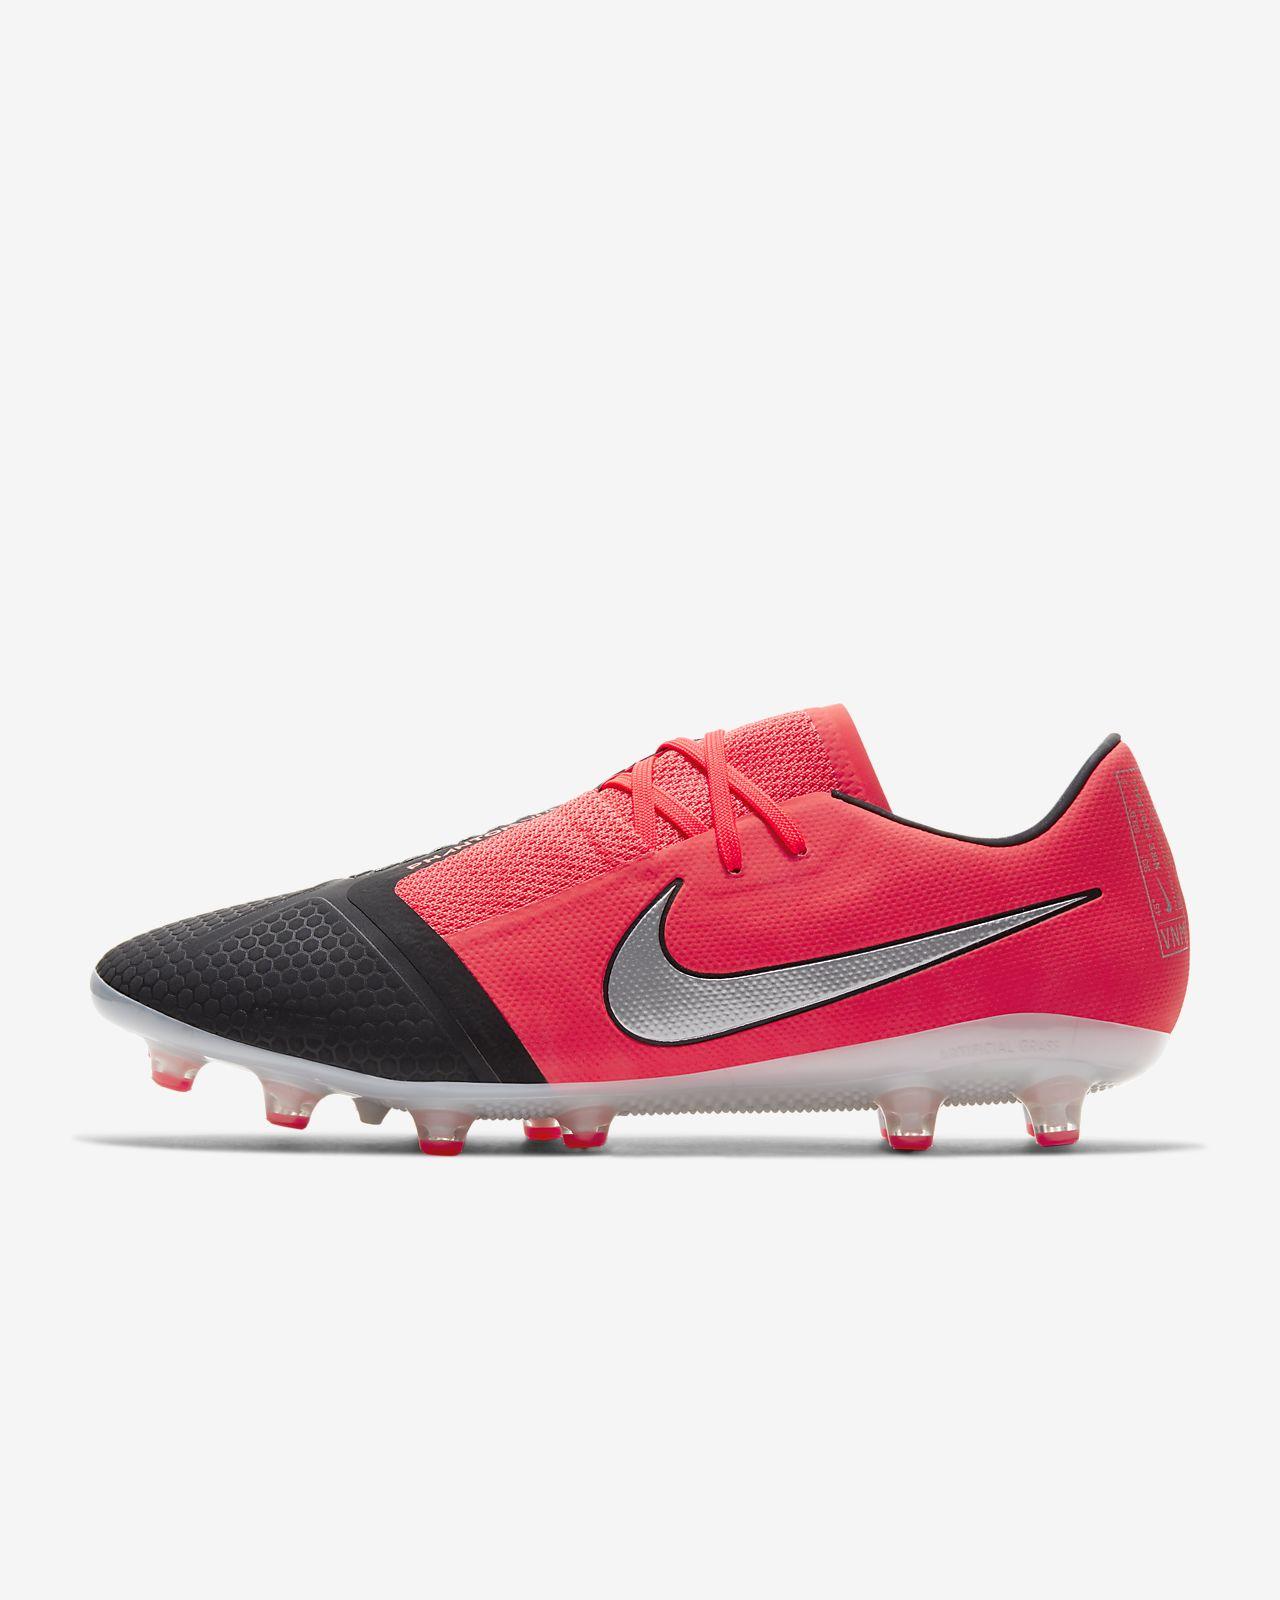 Nike Hypervenom Phantom 3 AG PRO Review Soccer Reviews For You